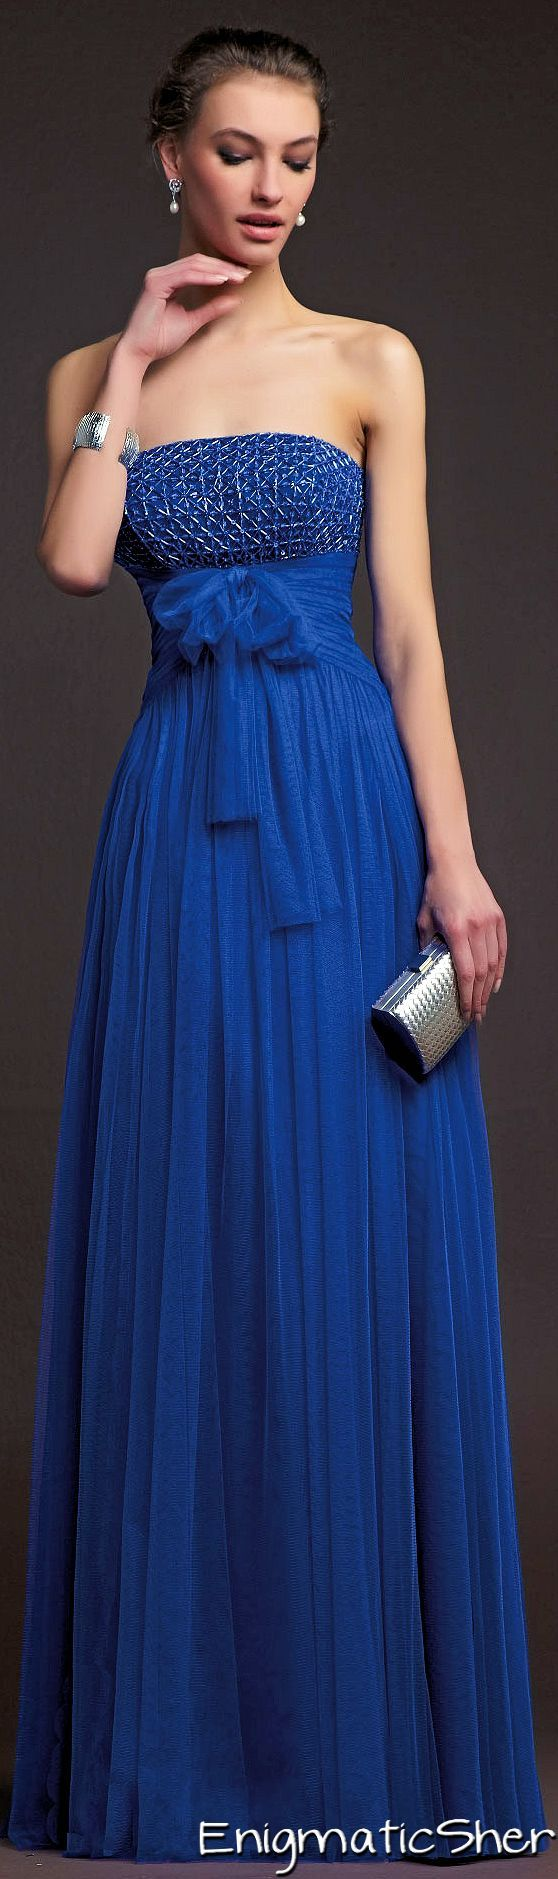 Visita nuestra pagina para ver más modelos! ❤❤❤ www.modainnovadora.com ❤❤❤ Visit our website to see more models!